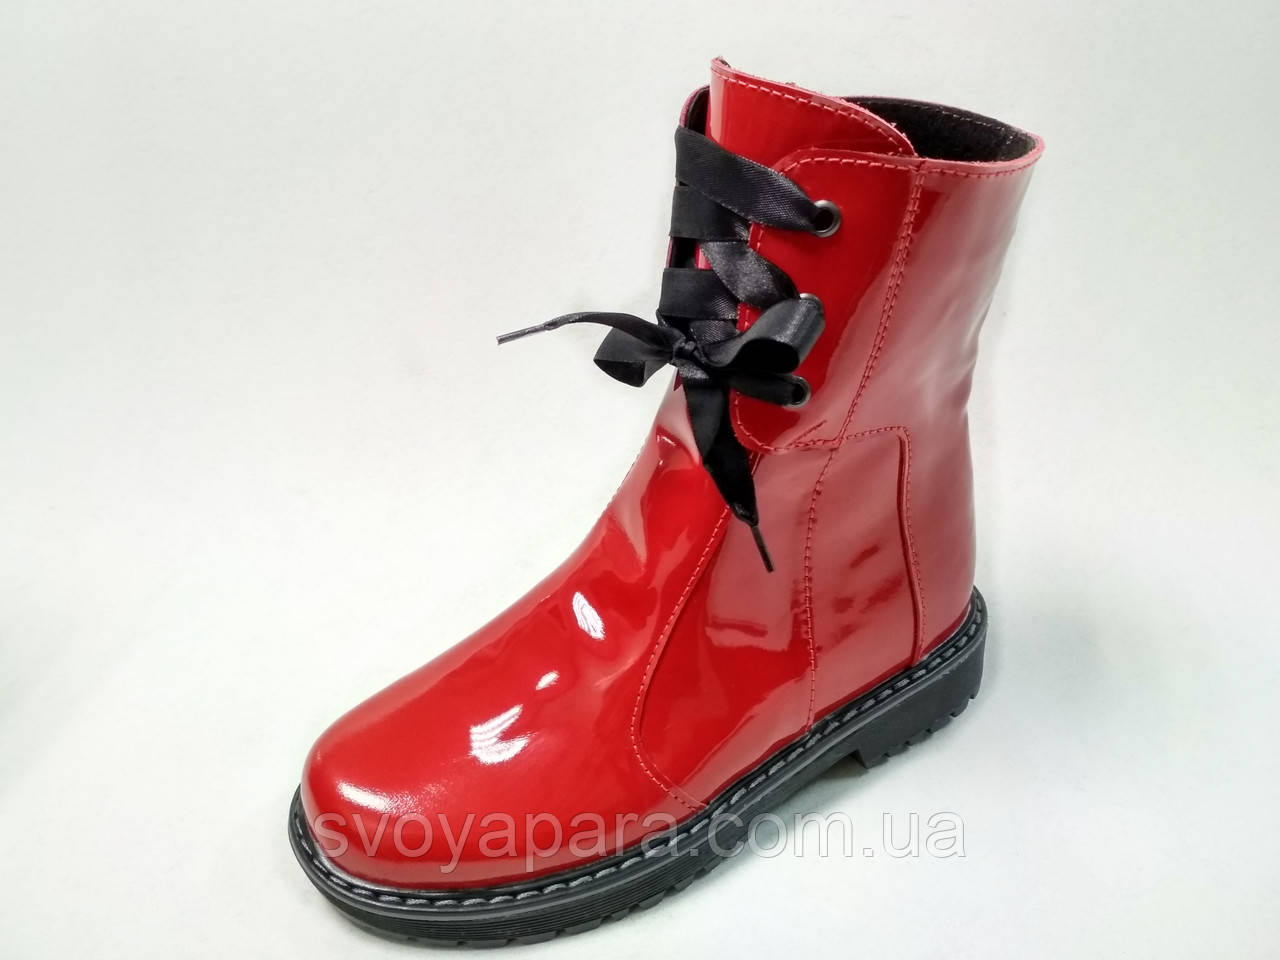 Ботинки высокие детские для девочки из лаковой кожи внутри байка весенне - осенние красного цвета